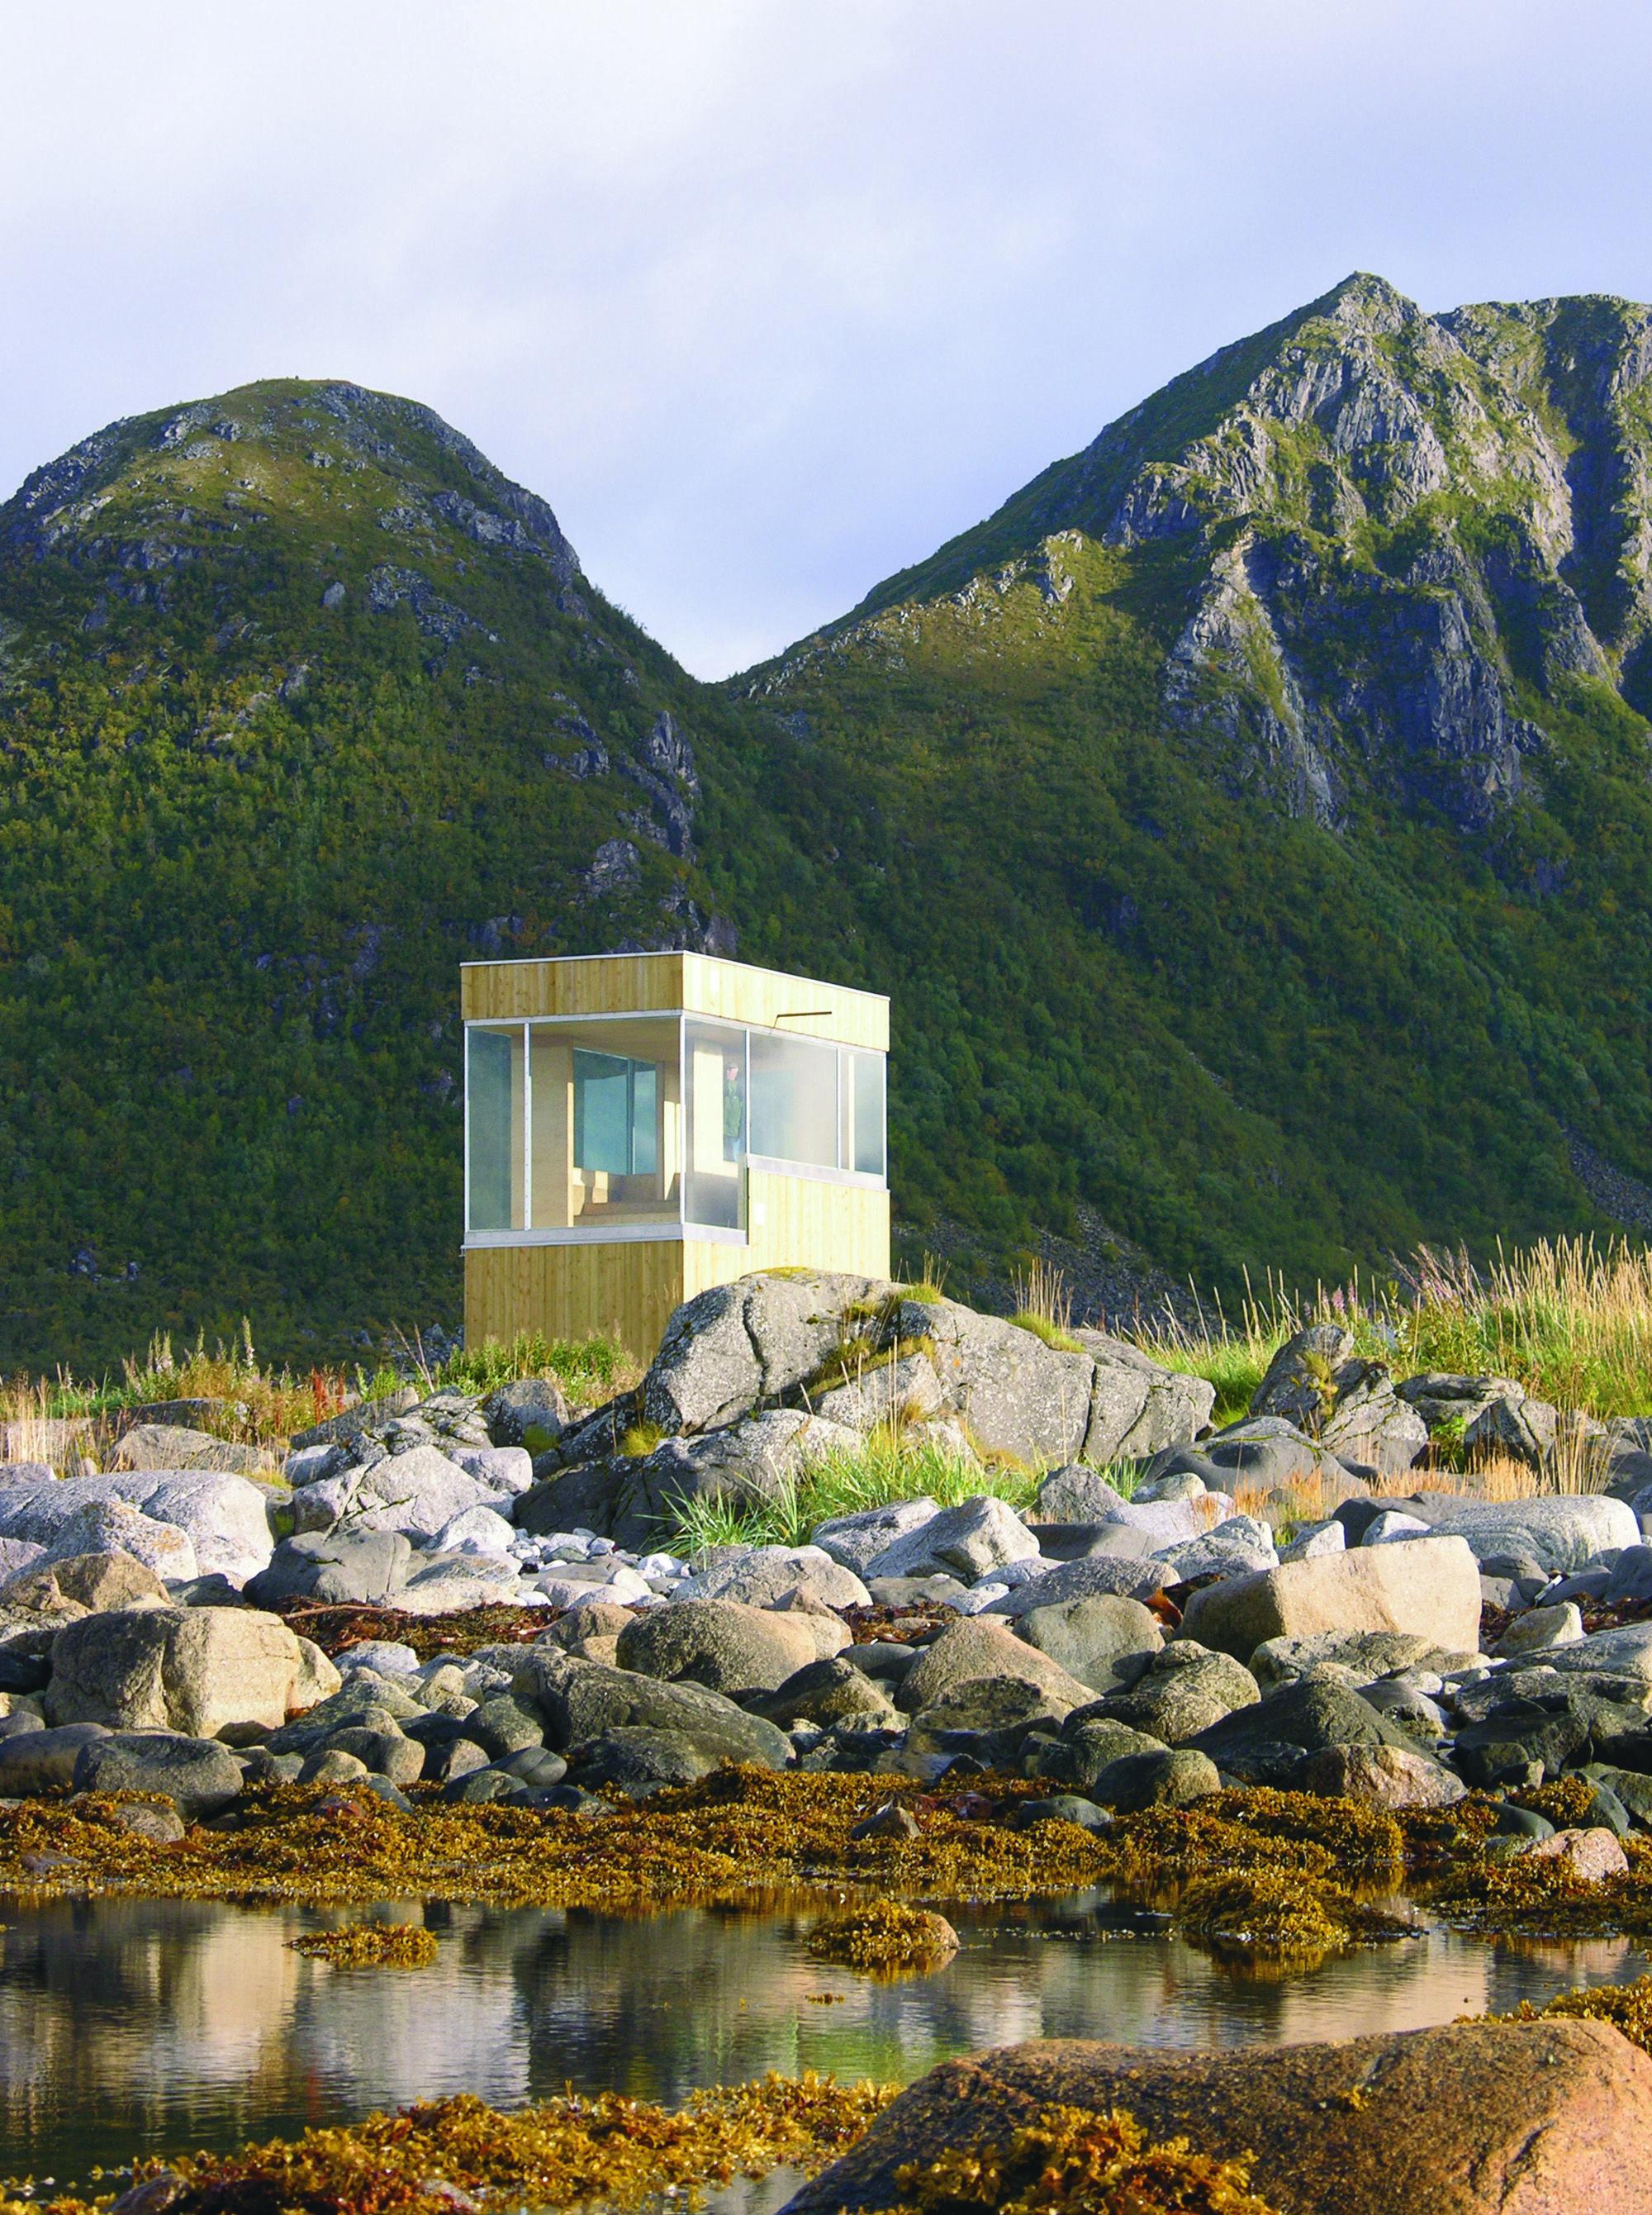 Grunnfør Bicycle Shelter by 70°N arkitektur, Norway